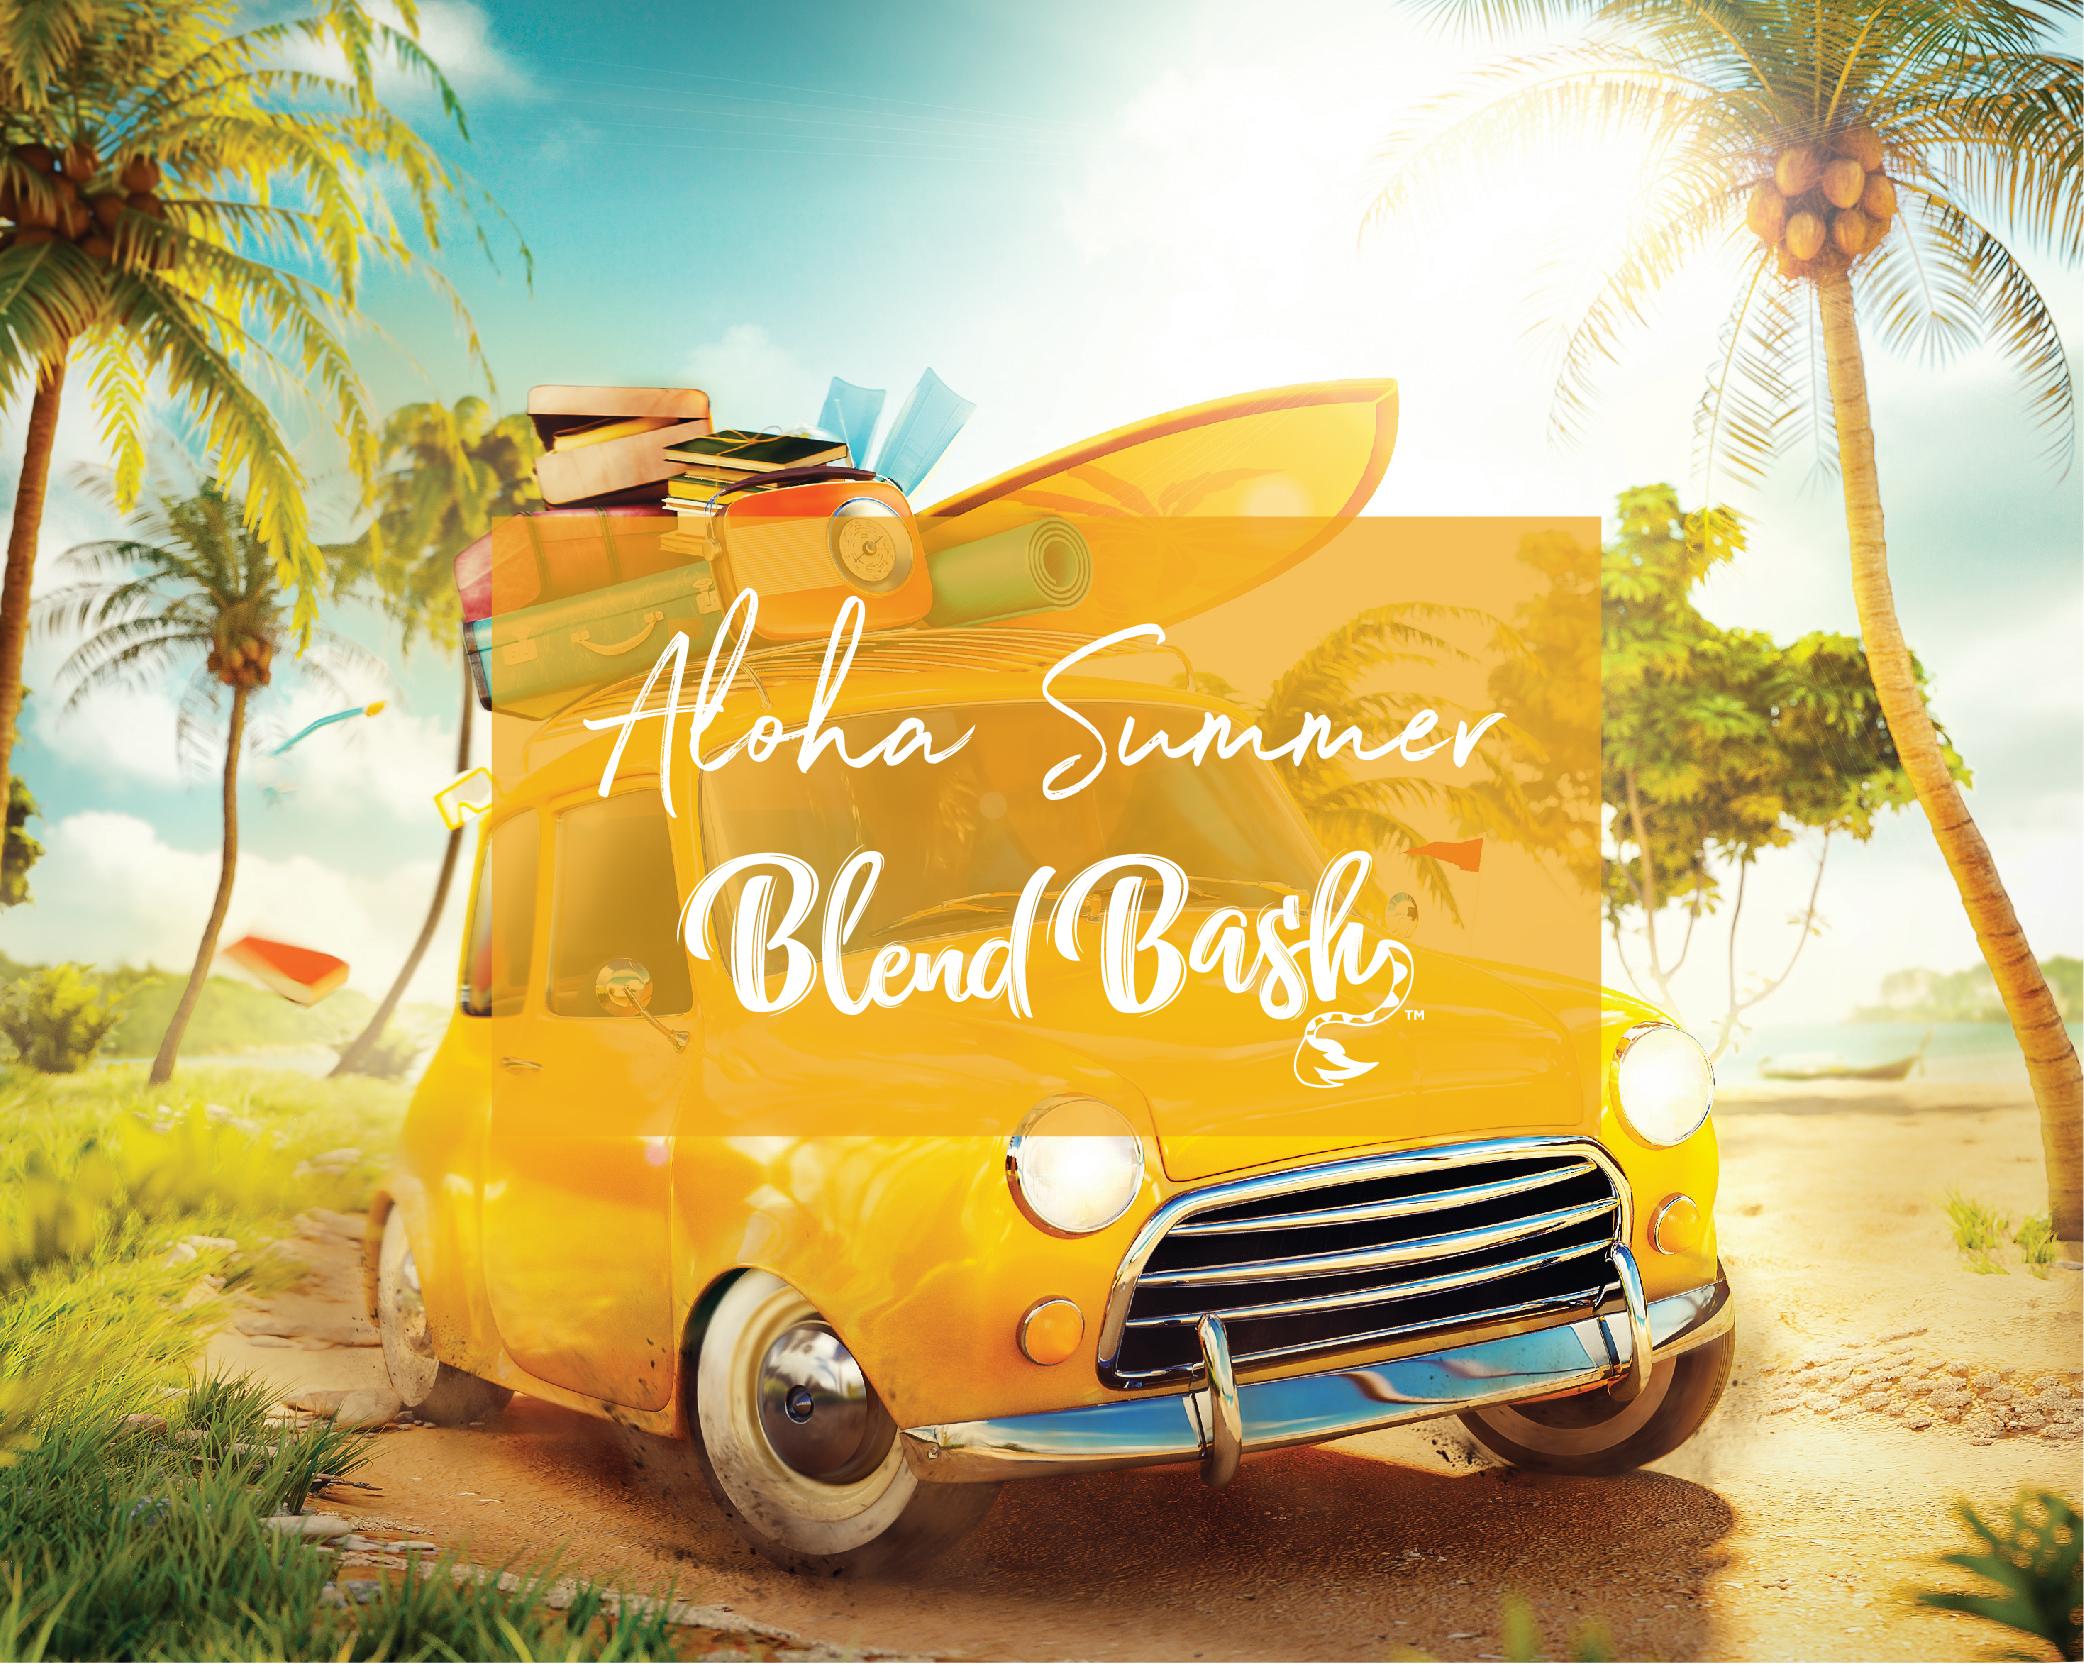 Aloha Summer Blend Bash